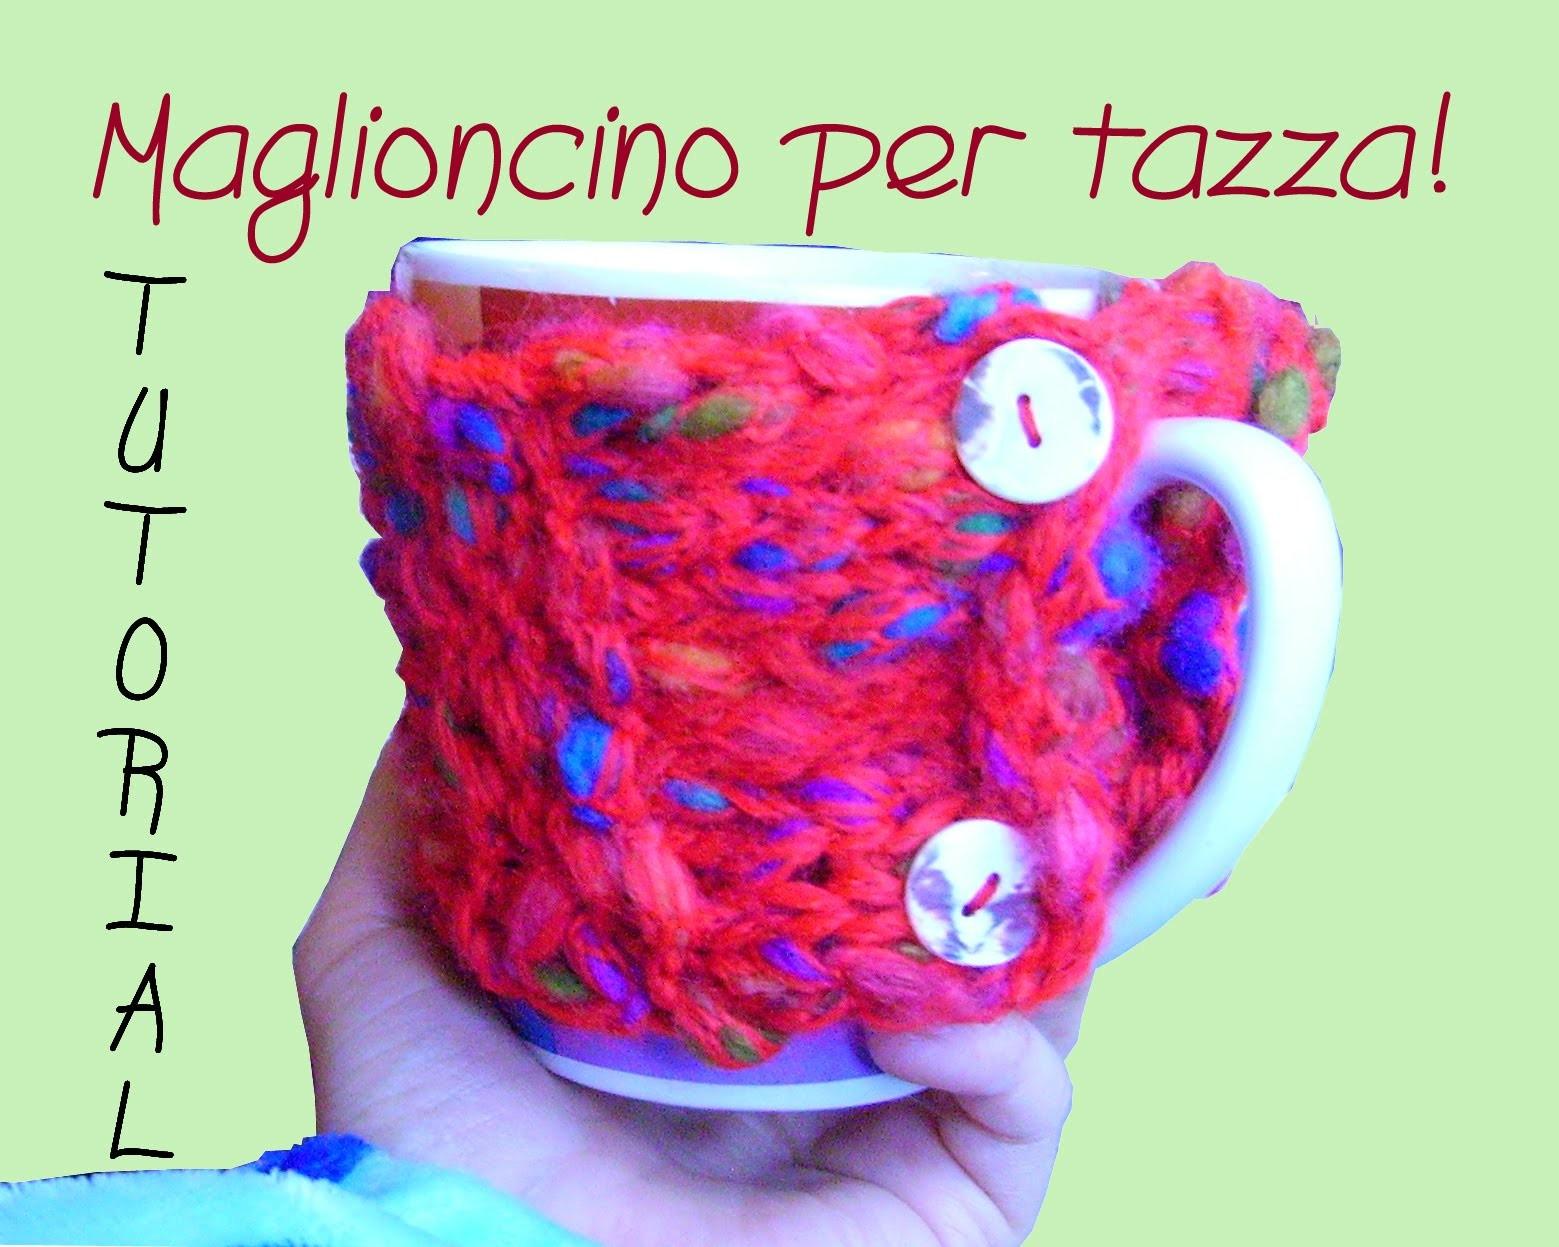 Tutorial Knitting 05: Maglioncino per tazza, maglia rasata dritto e rovescio.